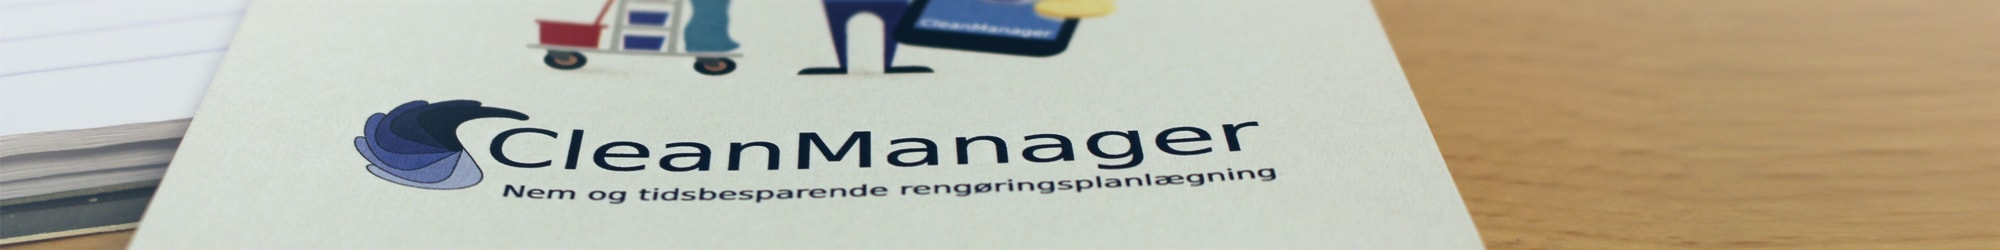 CleanManager logo closeup på postkort